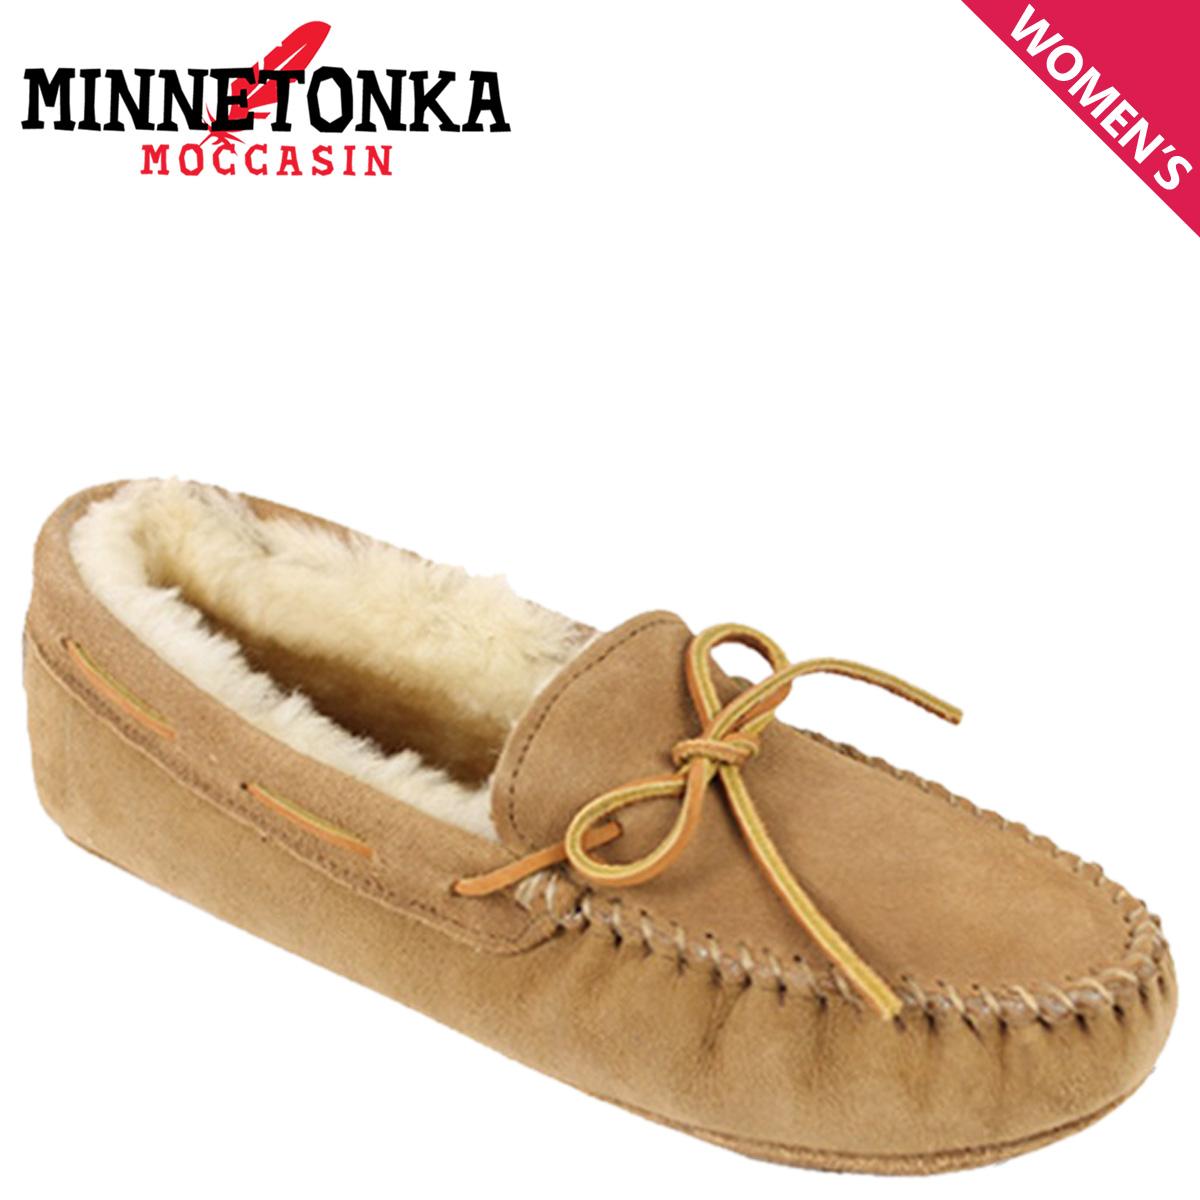 ミネトンカ MINNETONKA モカシン シープスキン ソフトソール SHEEPSKIN SOFT SOLE MOCCASIN レディース